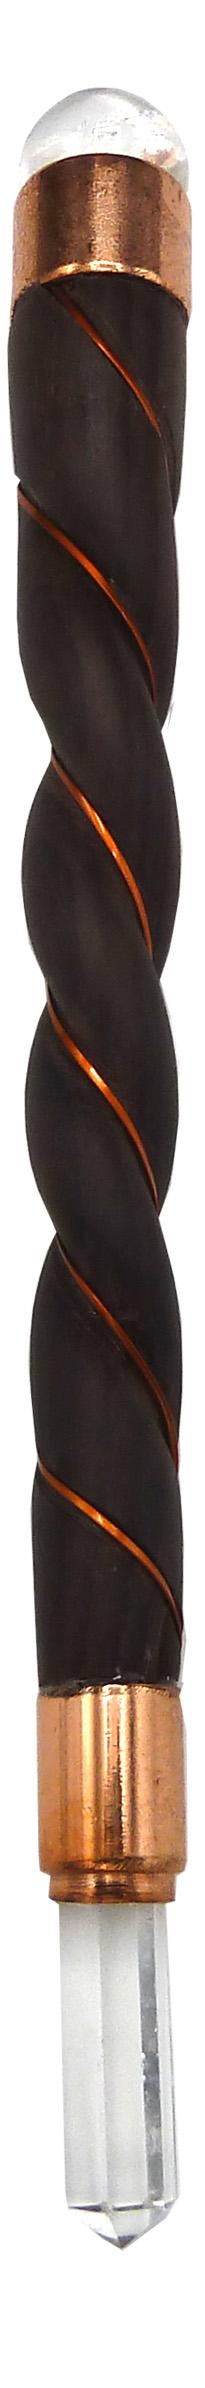 Bâton de soin bois de rose & cuivre 17 cm